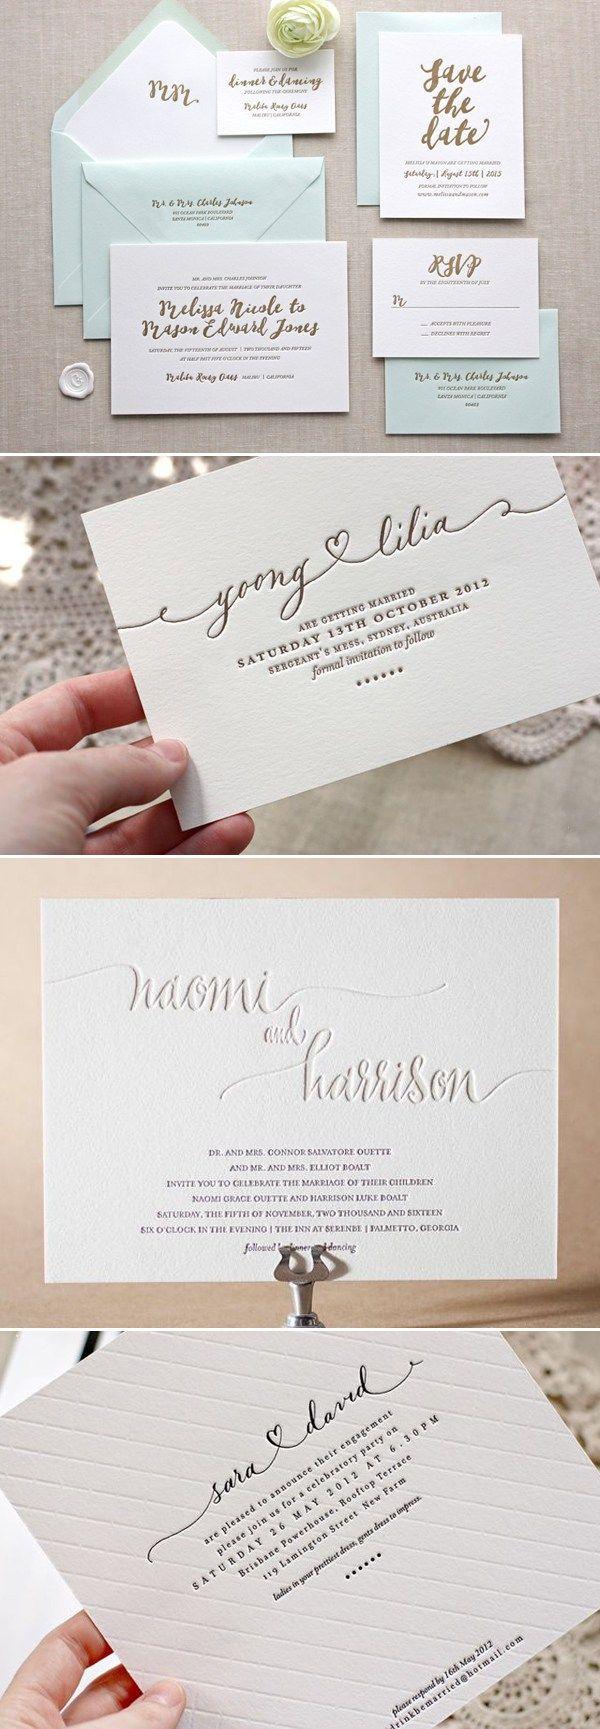 Buat pernikahanmu semakin berkesan dengan inspirasi desain